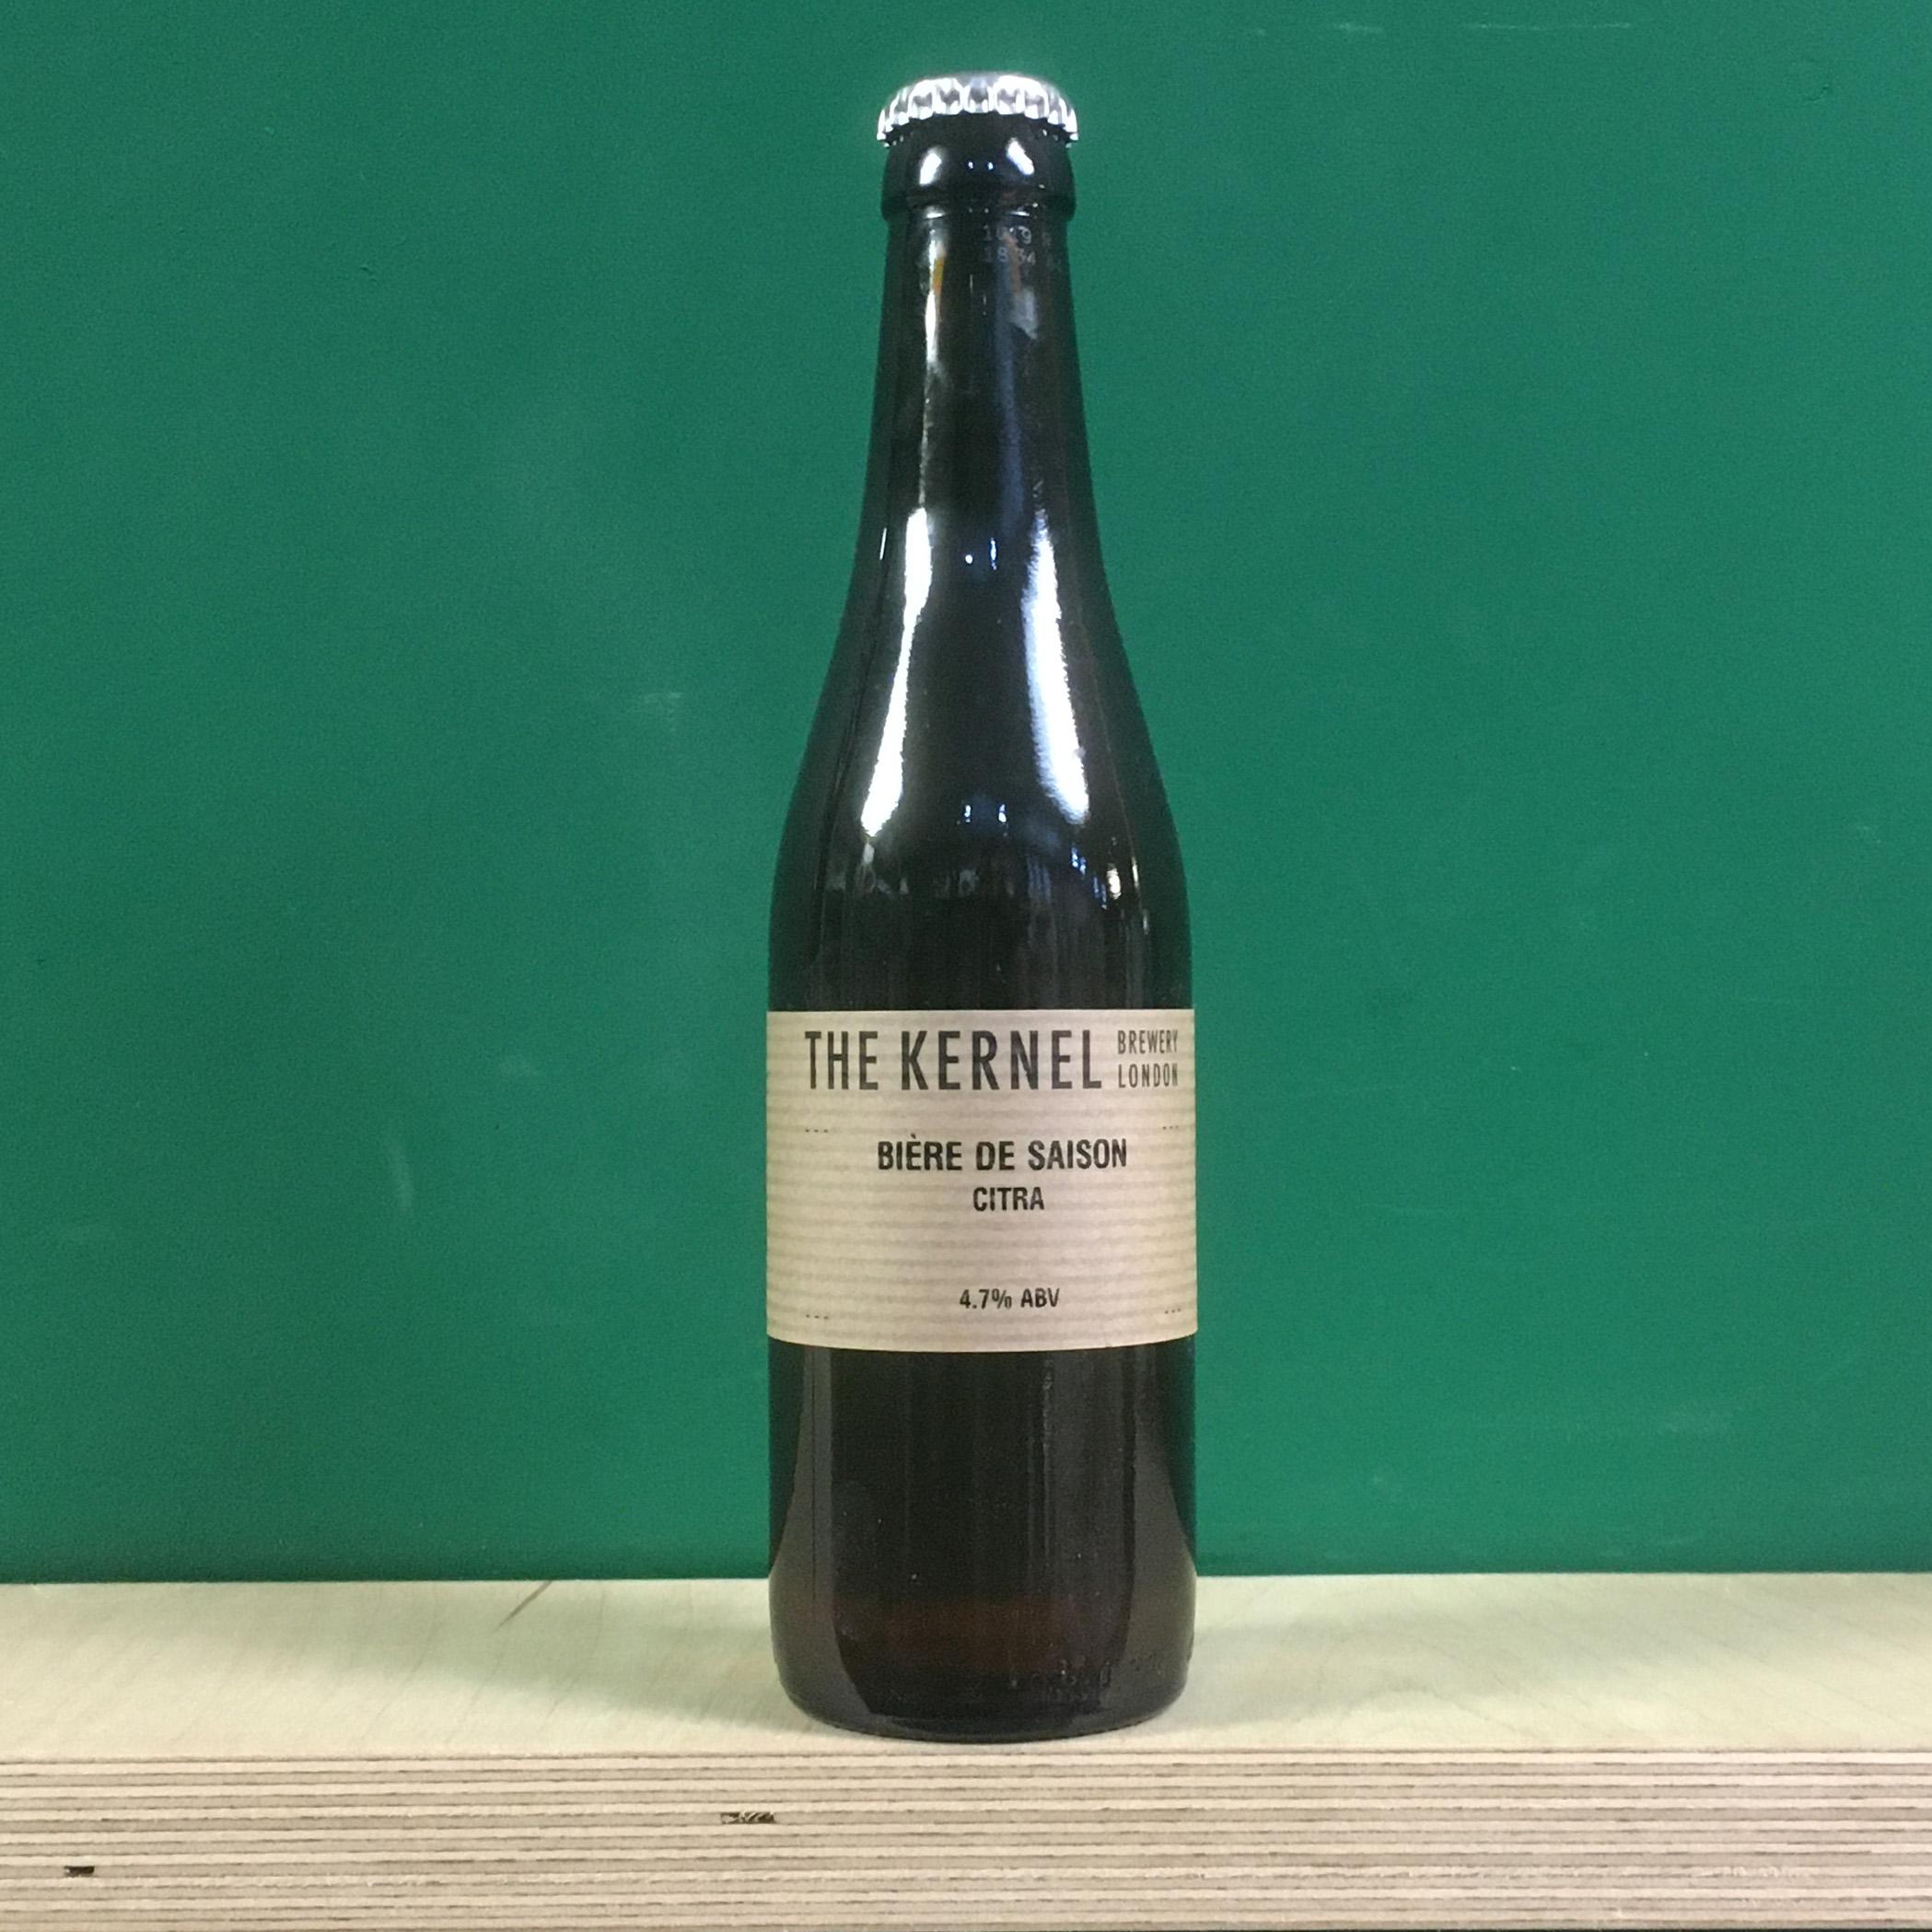 The Kernel Biere De Saison Citra